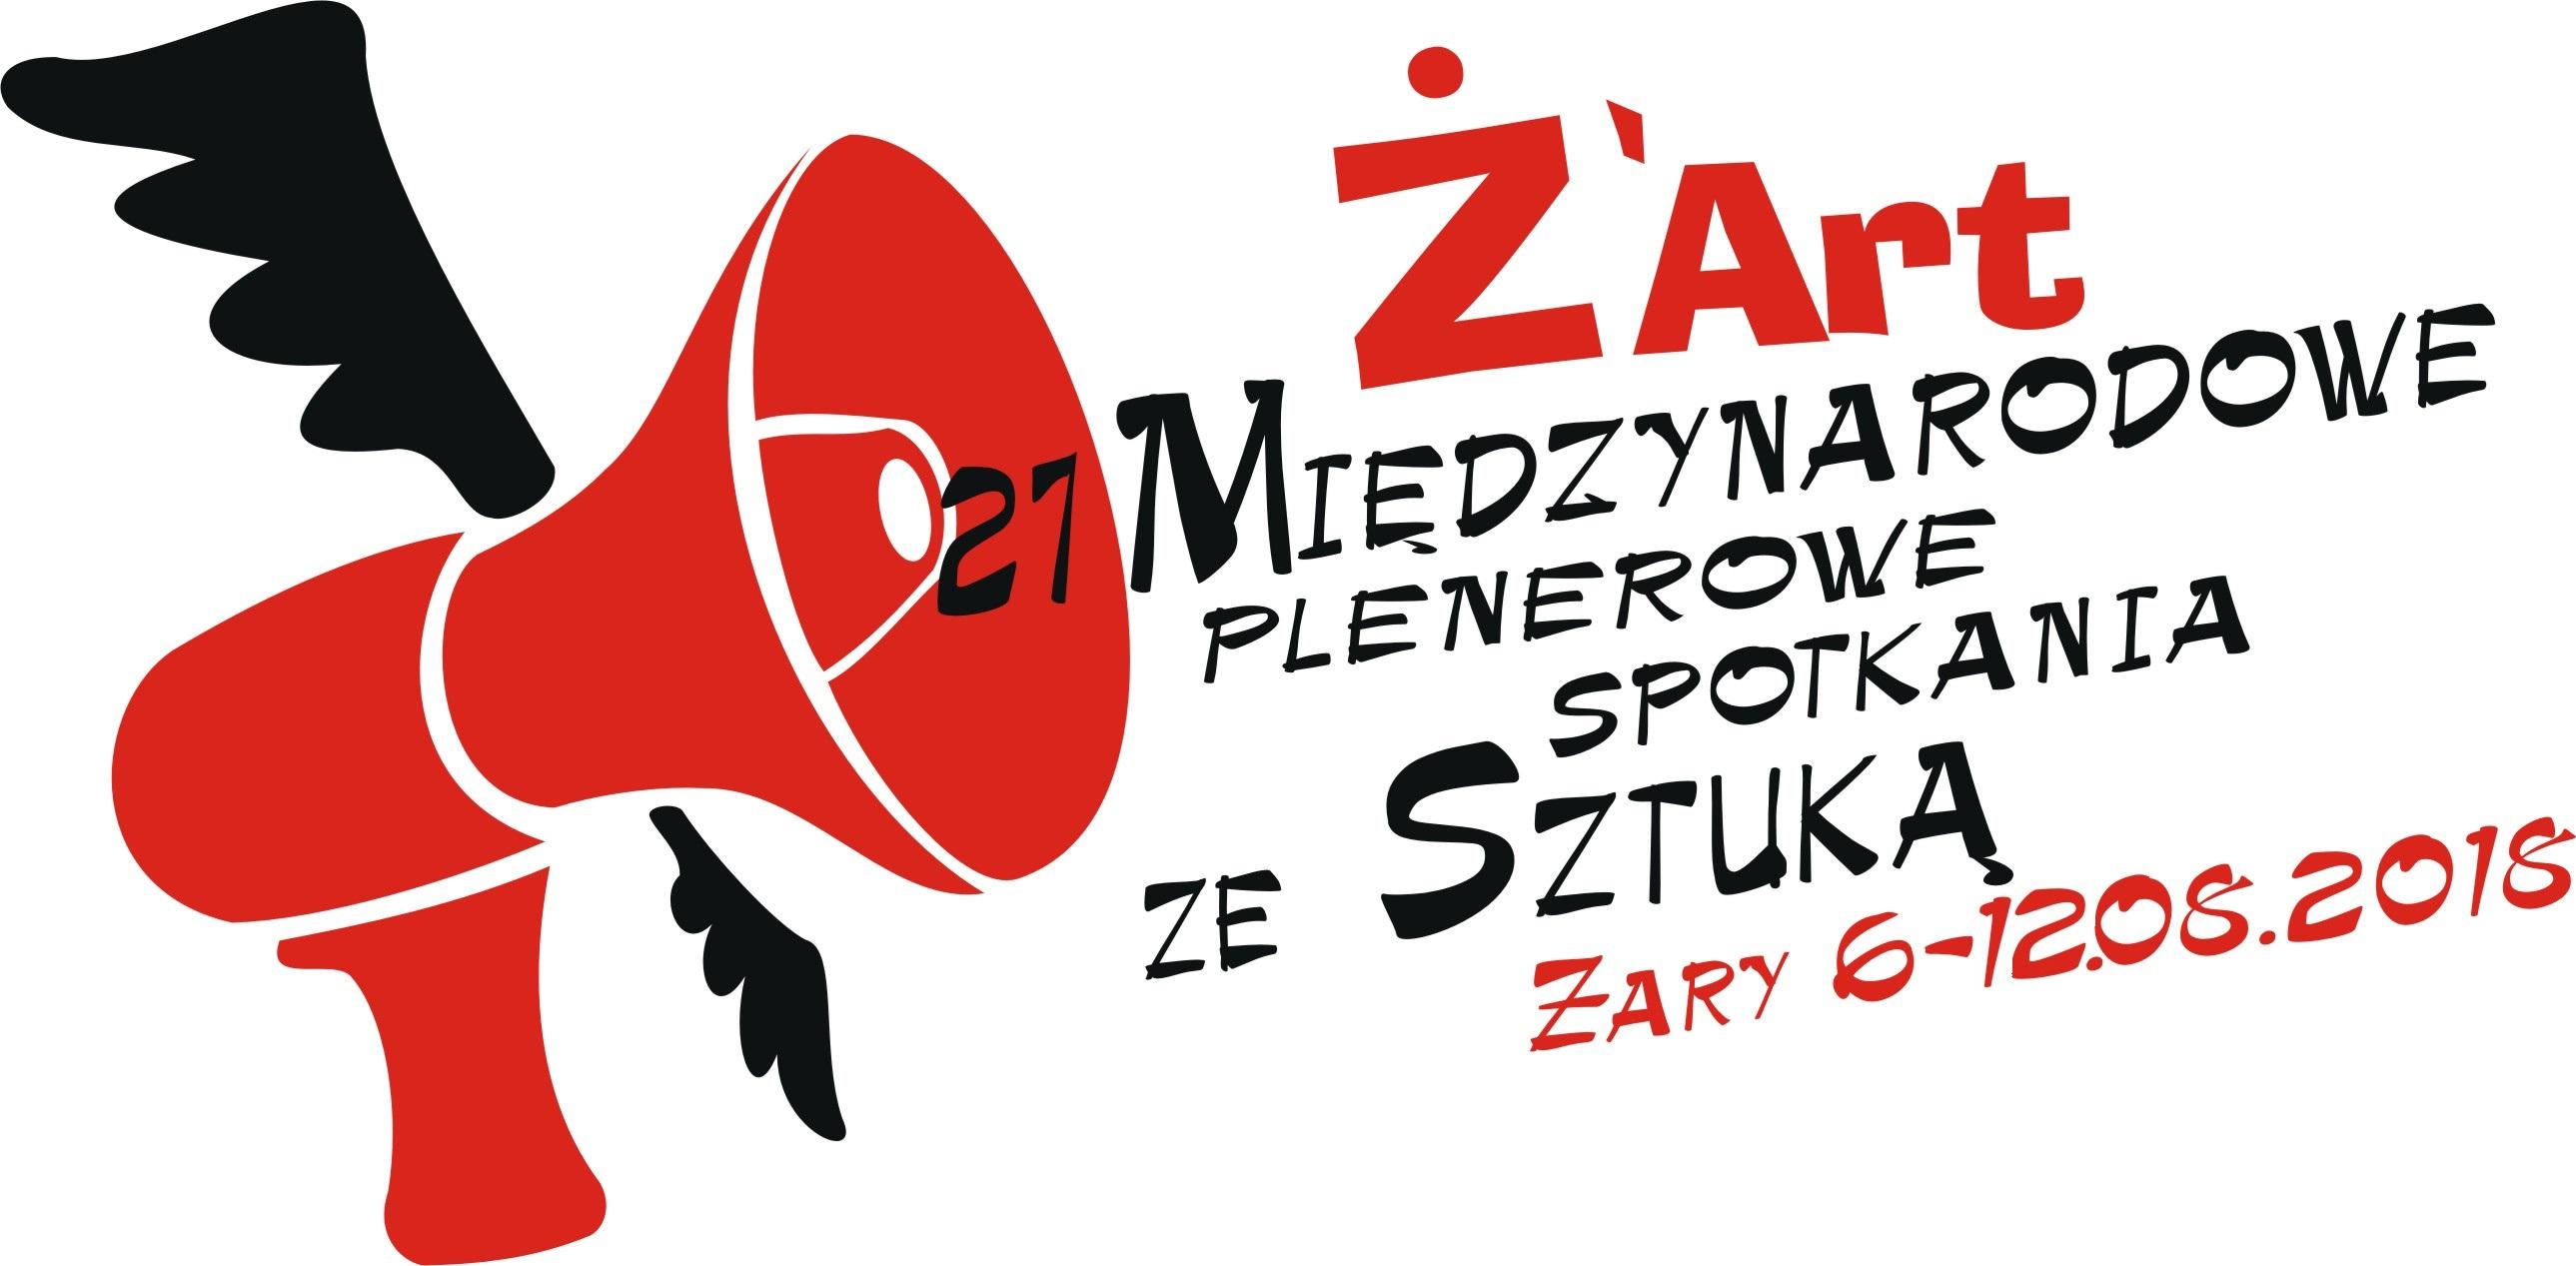 Ilustracja do informacji: Ż'ART - 27 MIĘDZYNARODOWE PLENEROWE SPOTKANIA ZE SZTUKĄ - 6-12.08.2018 r.